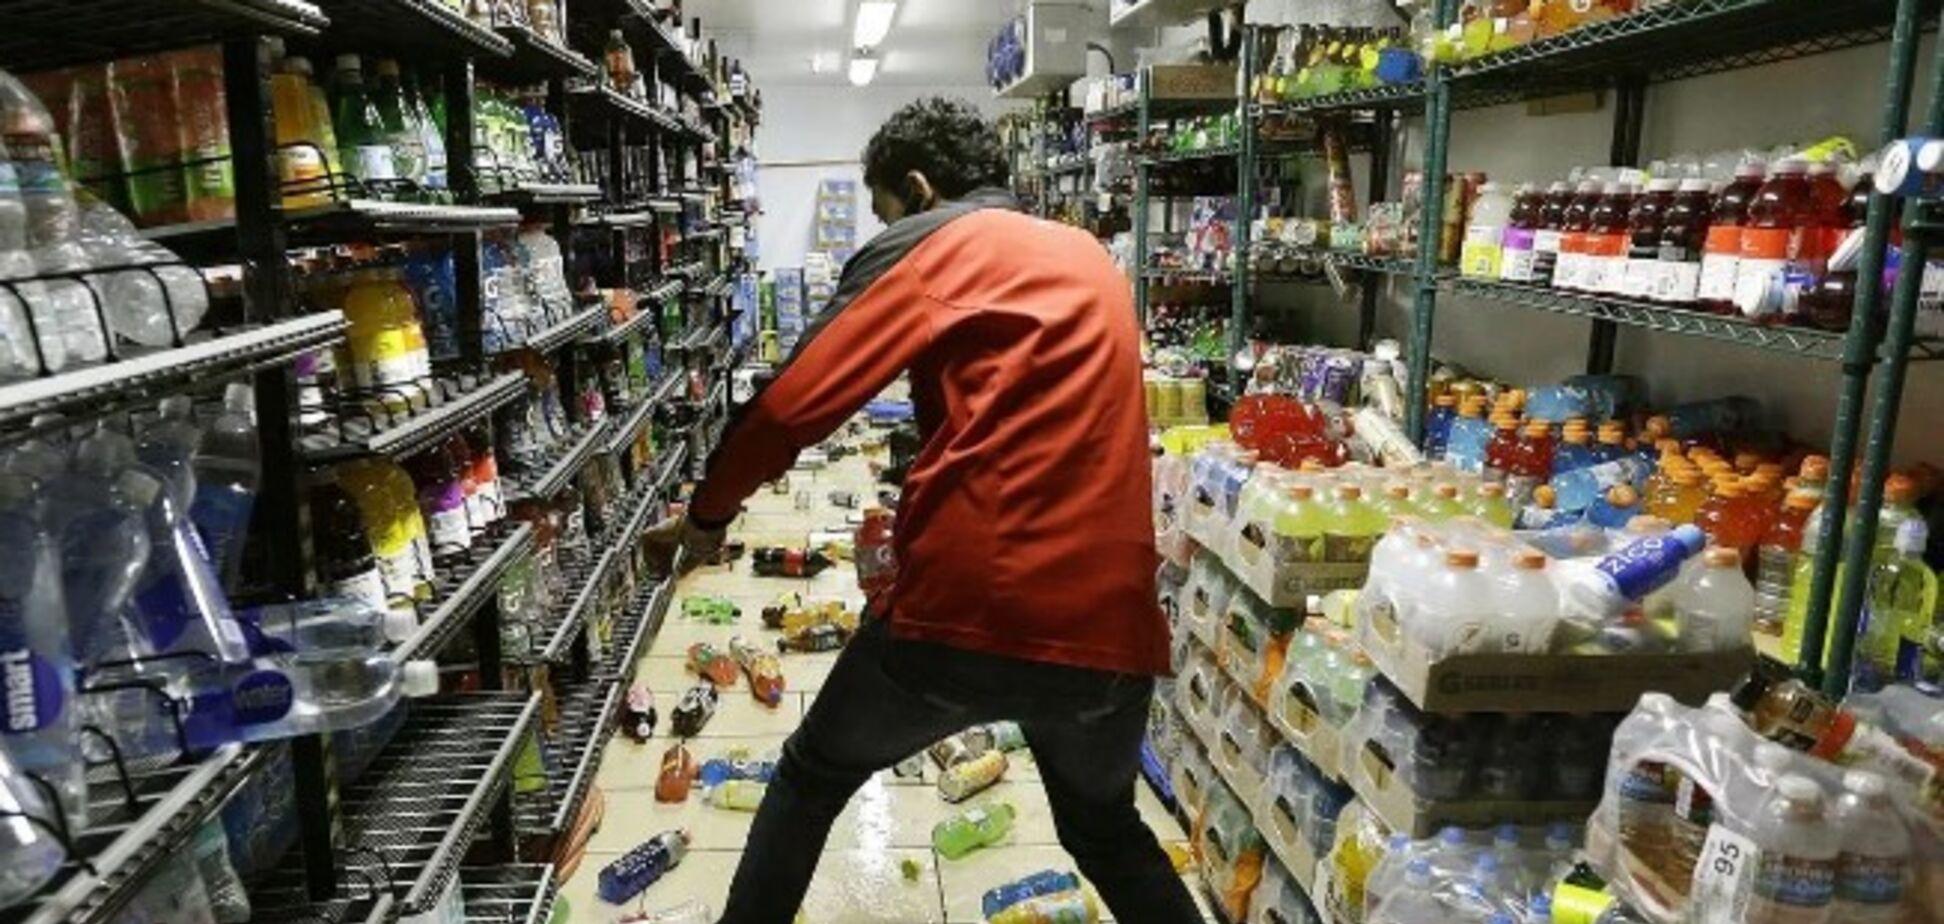 У Дніпрі дебошир атакував супермаркет і катався по рейках